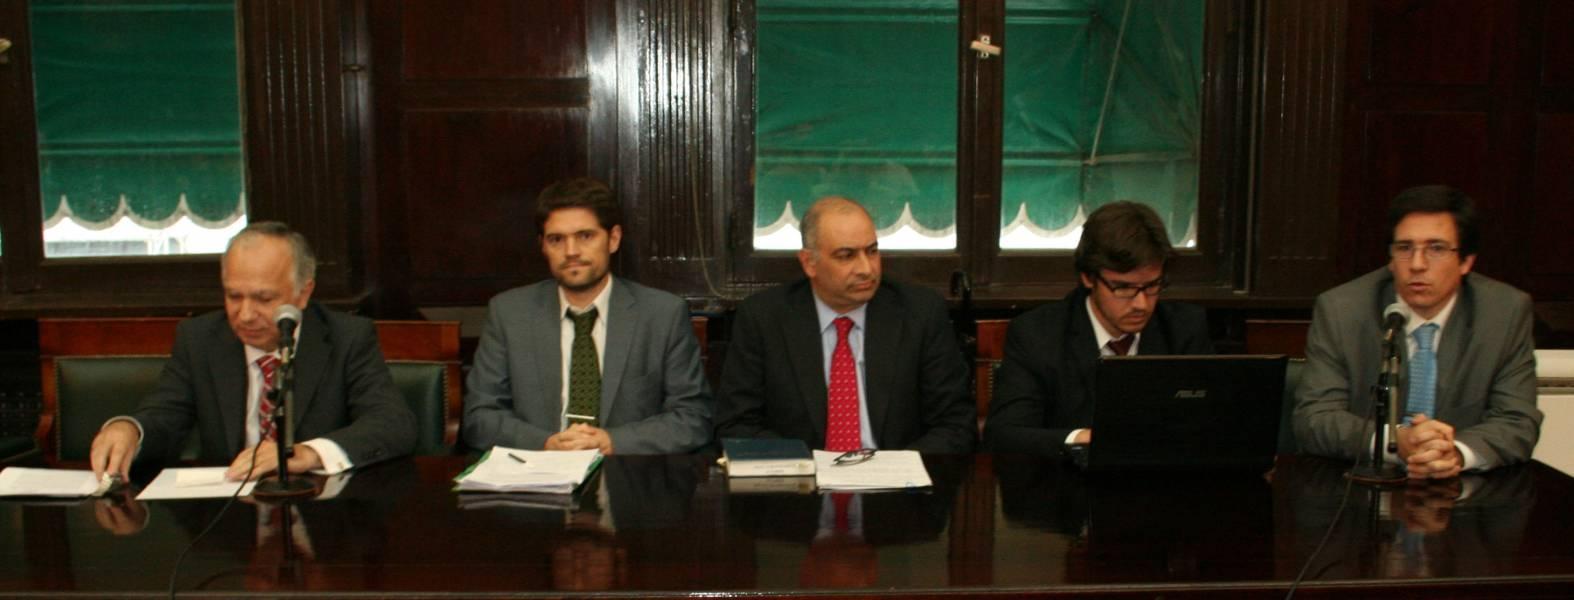 Omar Luis Díaz Solimine, José María Salgado, Julio Carlos Speroni (h), Francisco Verbic y Santiago Villagran